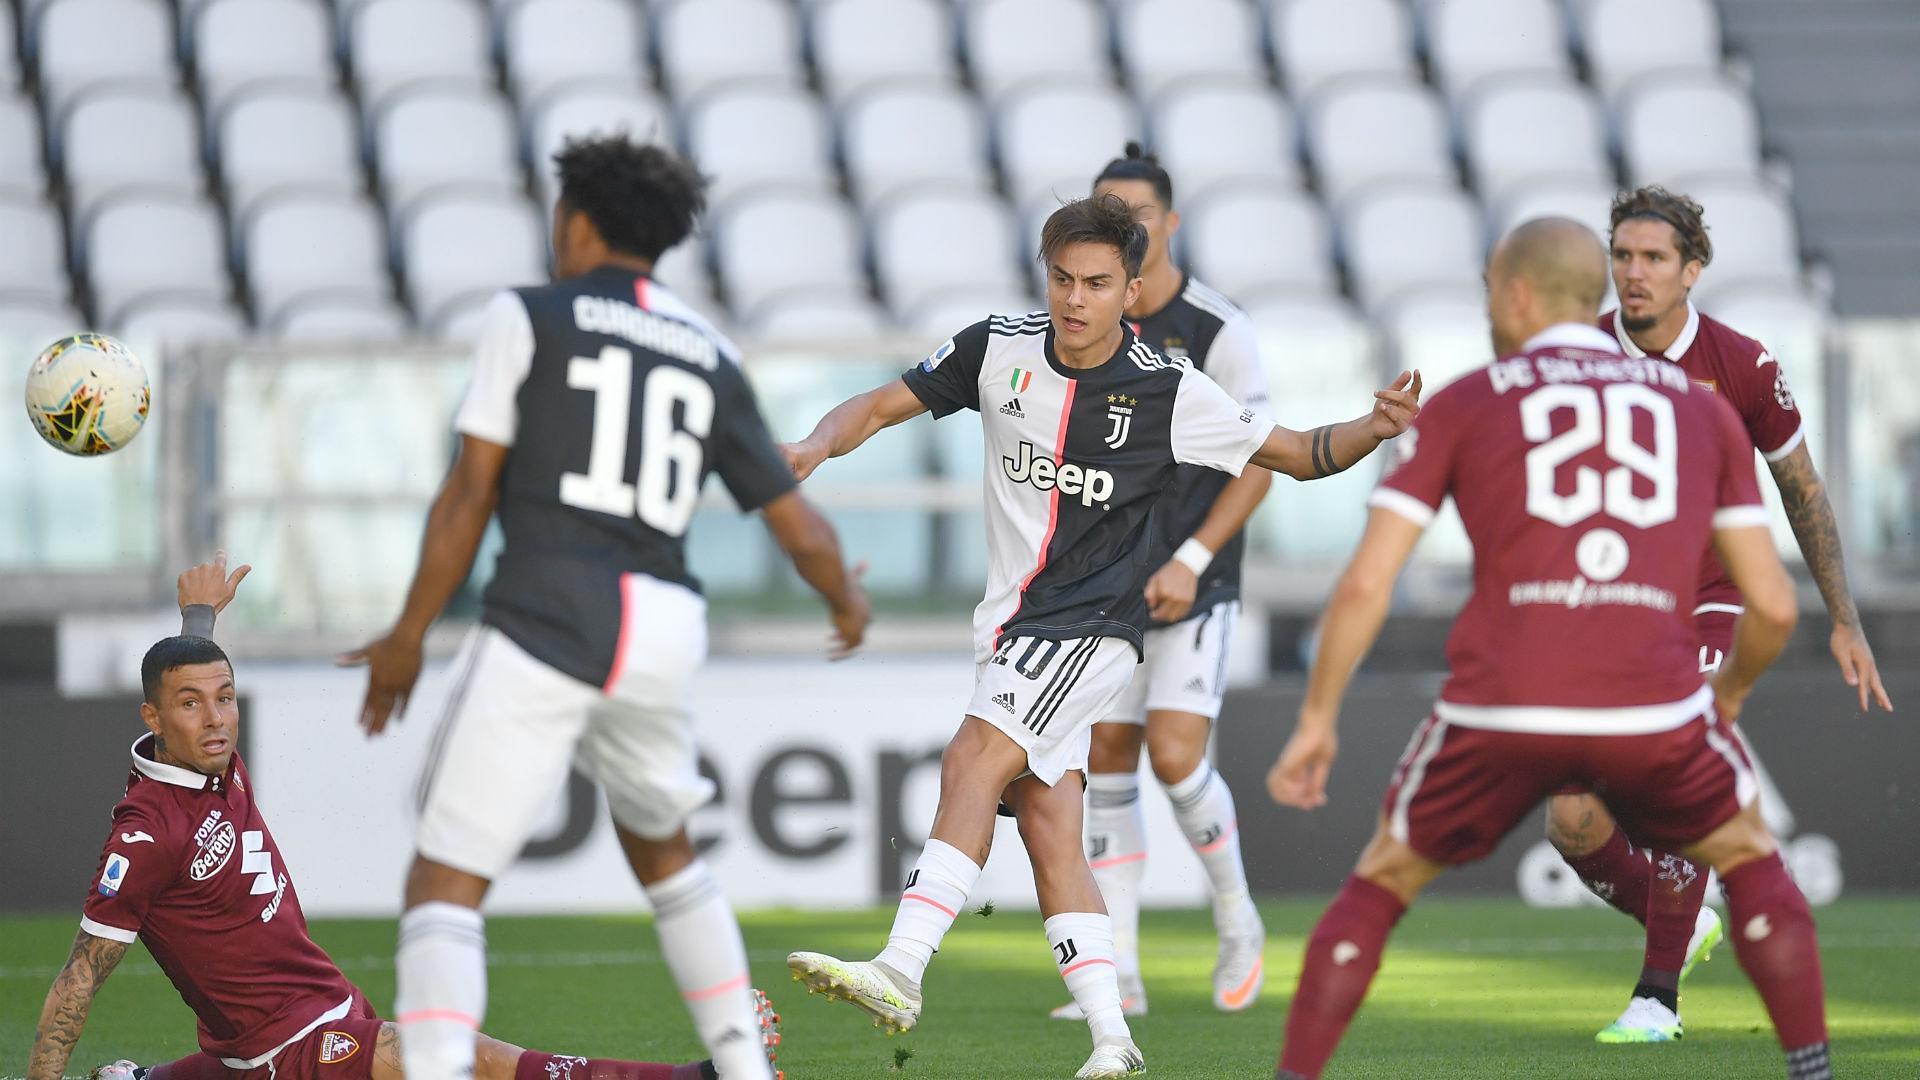 Serie A, le probabili formazioni di Juventus - Torino